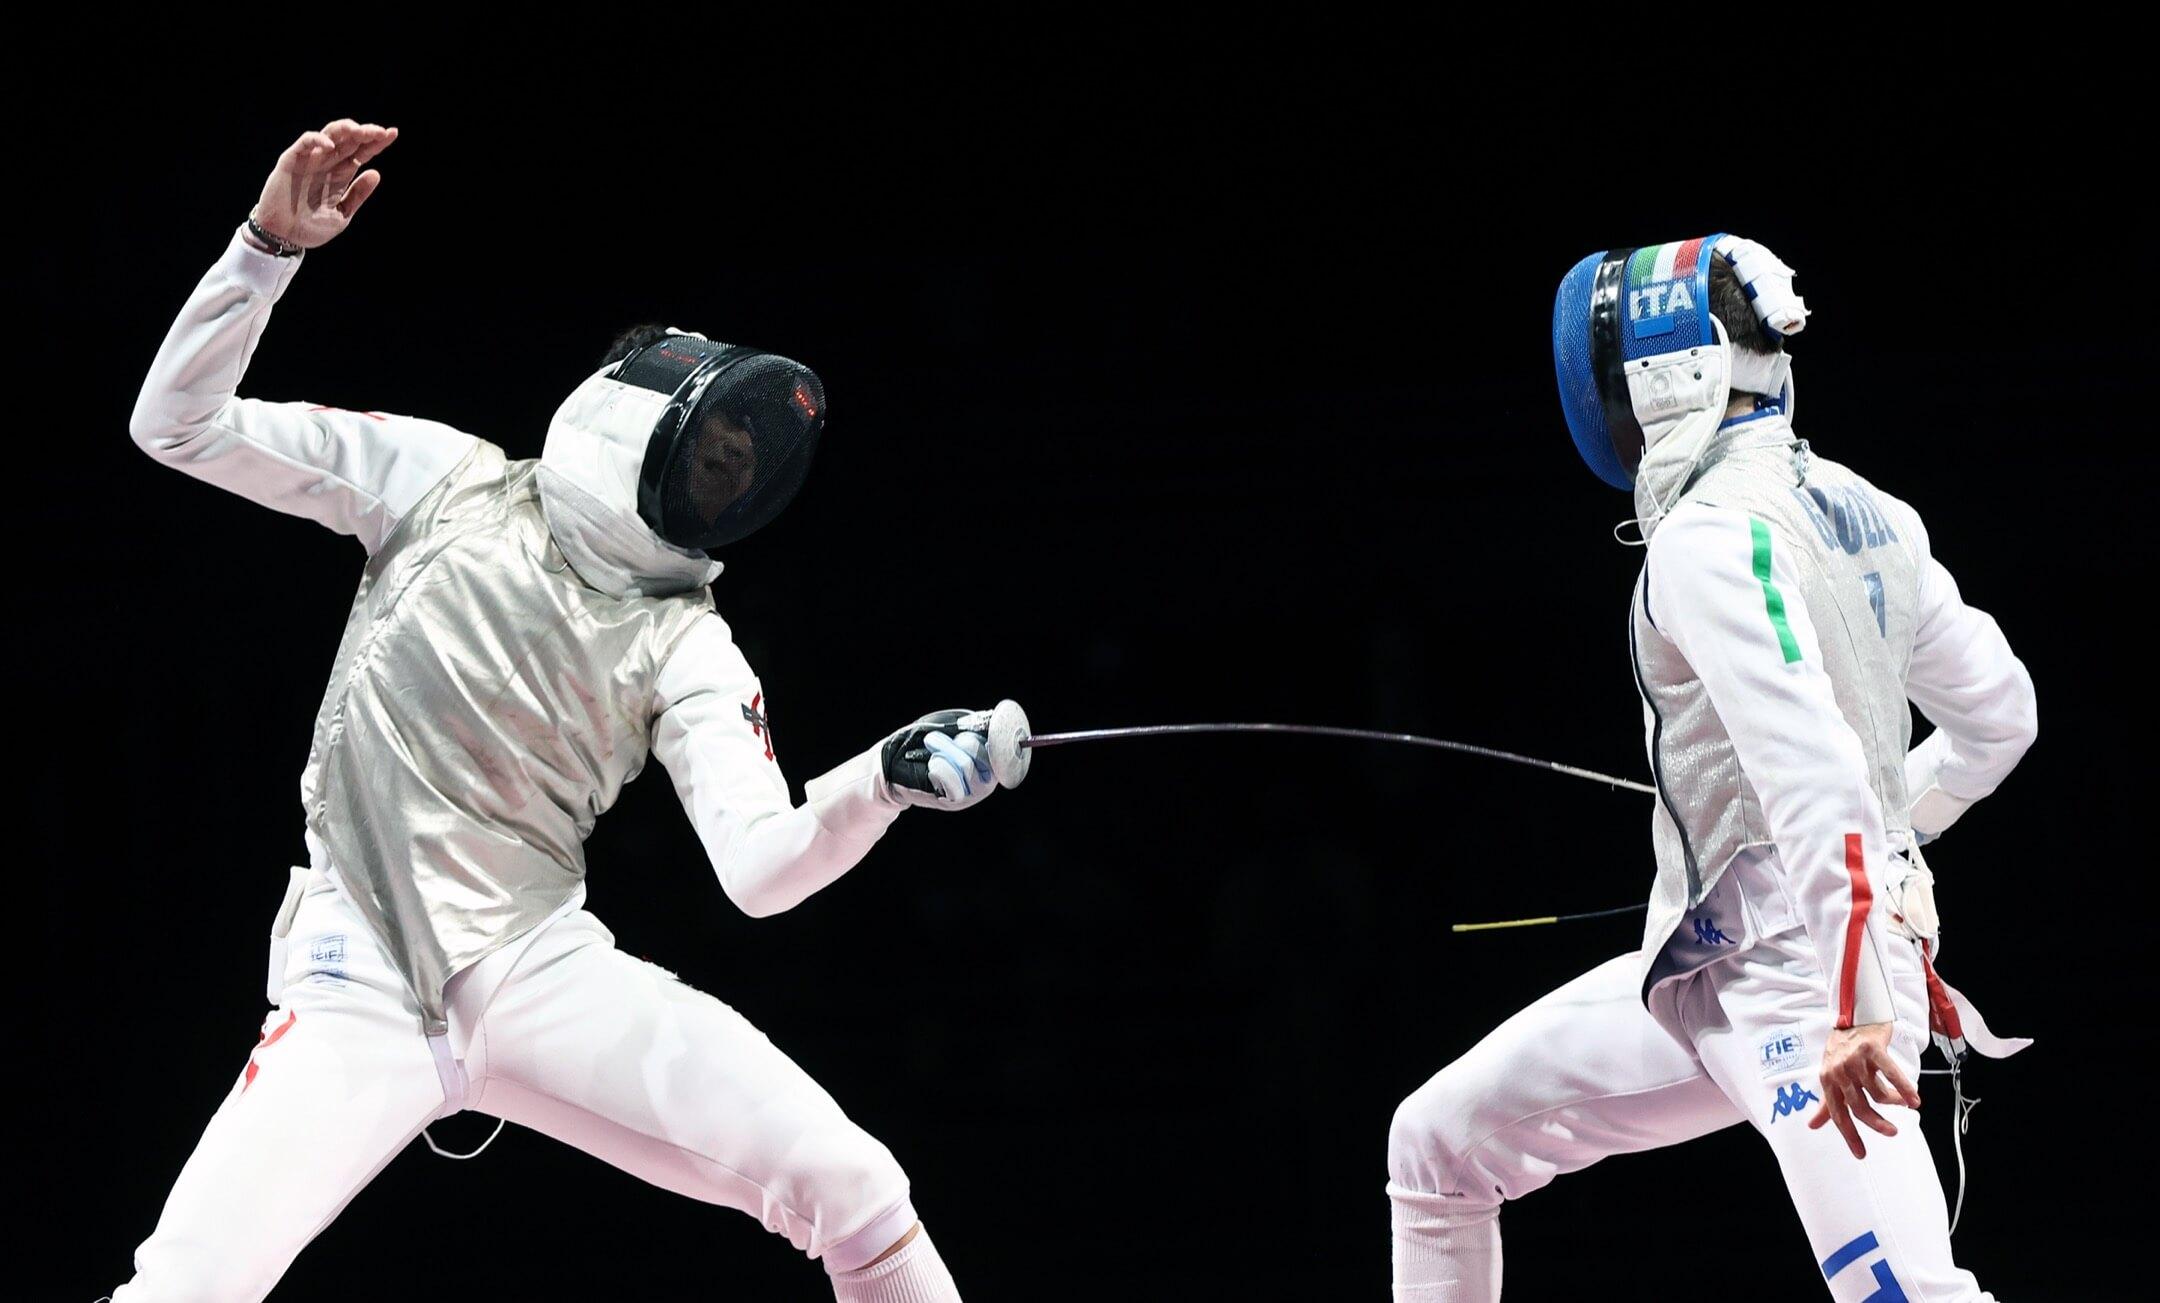 2021年7月26日,東京奧運,男子花劍項目決賽,香港代表張家朗對爭取衛冕的意大利代表Daniele Garozzo。